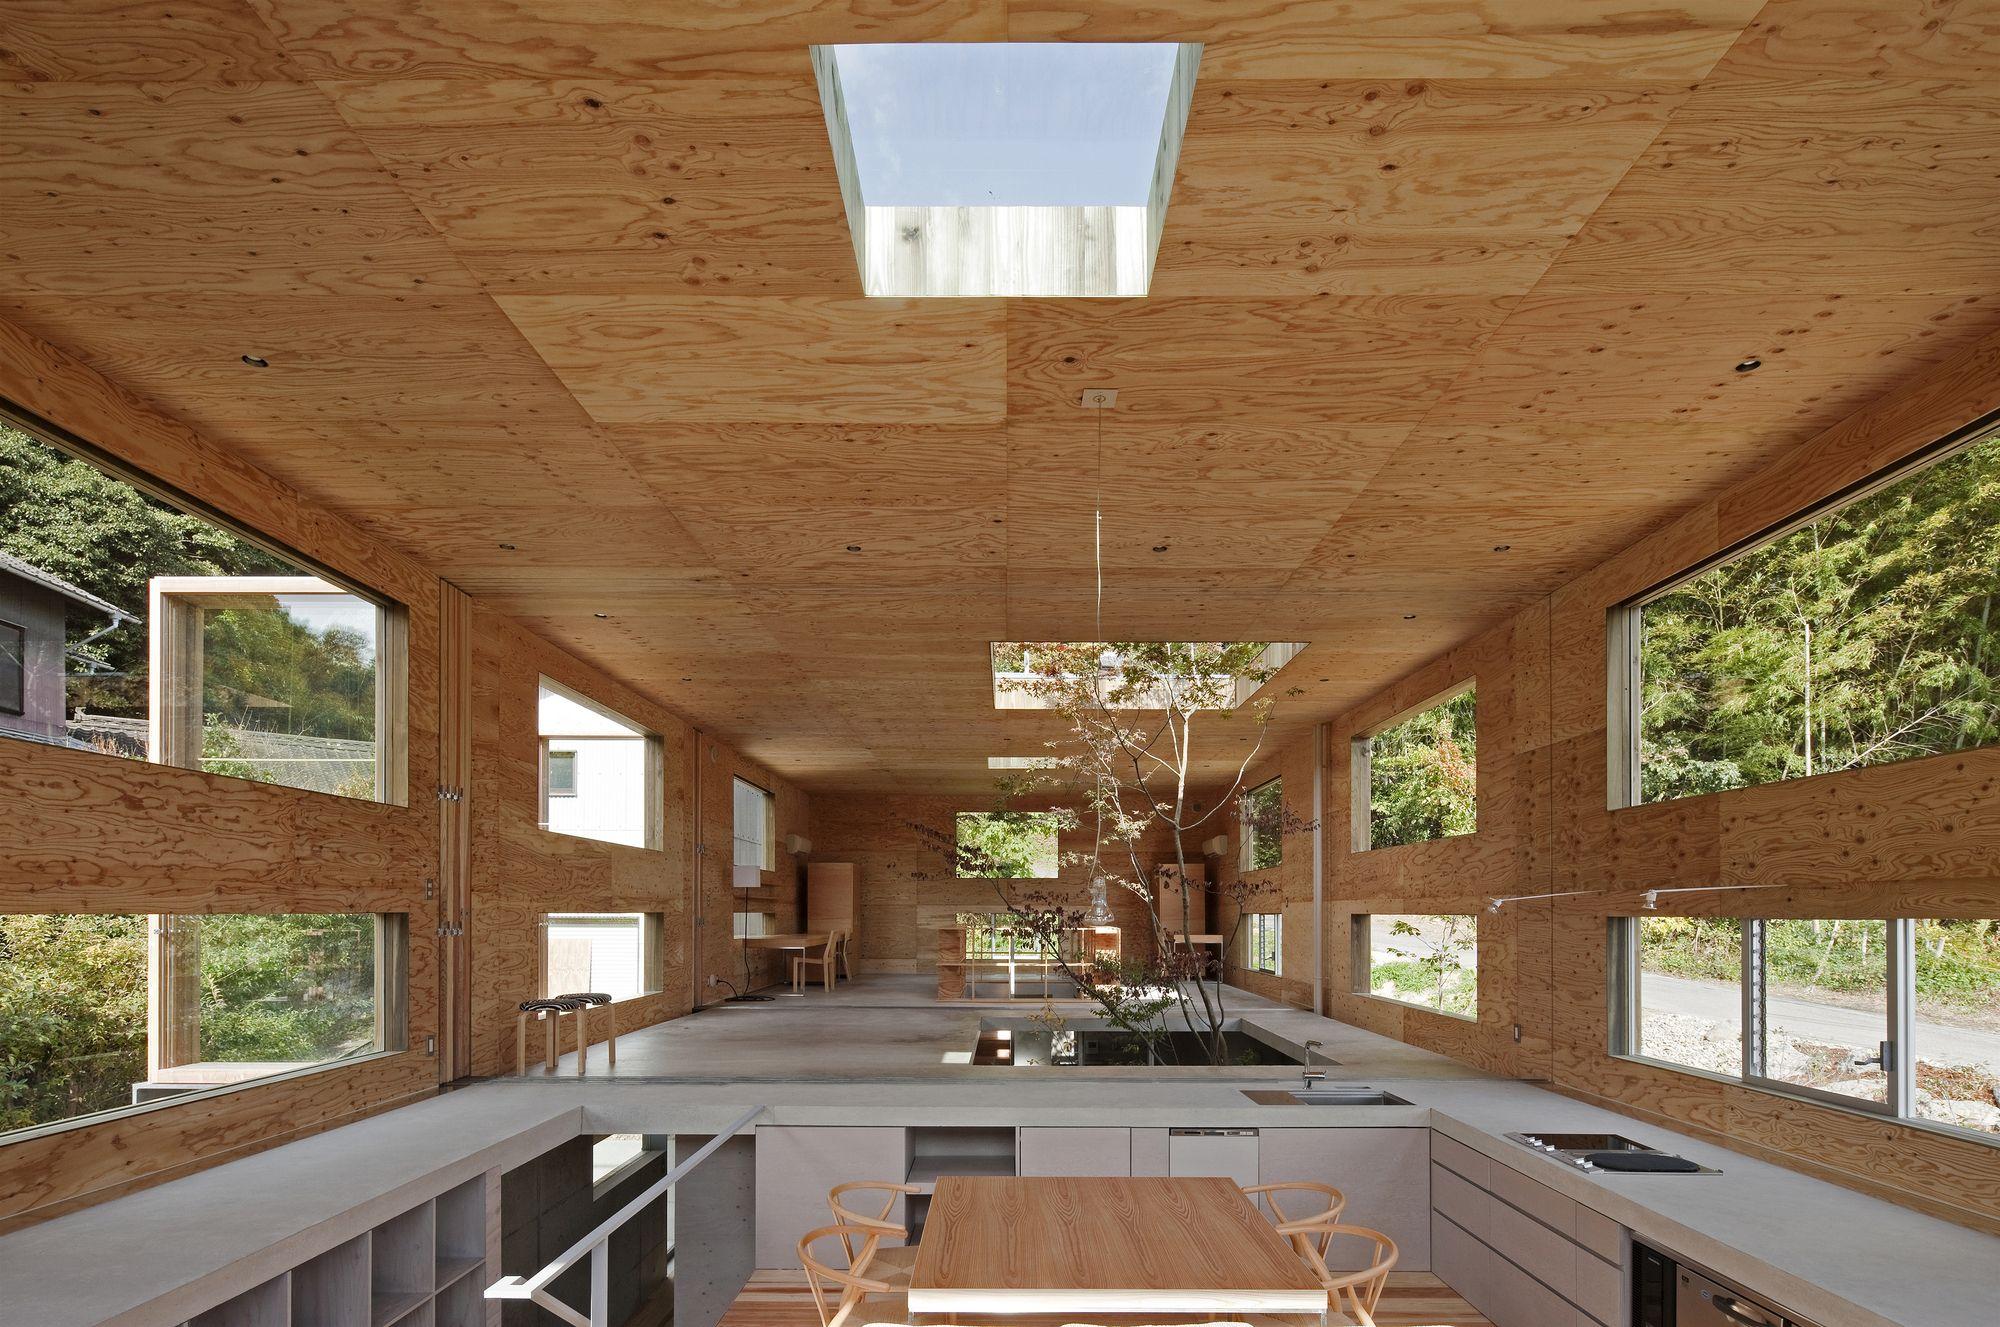 Galería - Casa Nido / UID Architects - 7